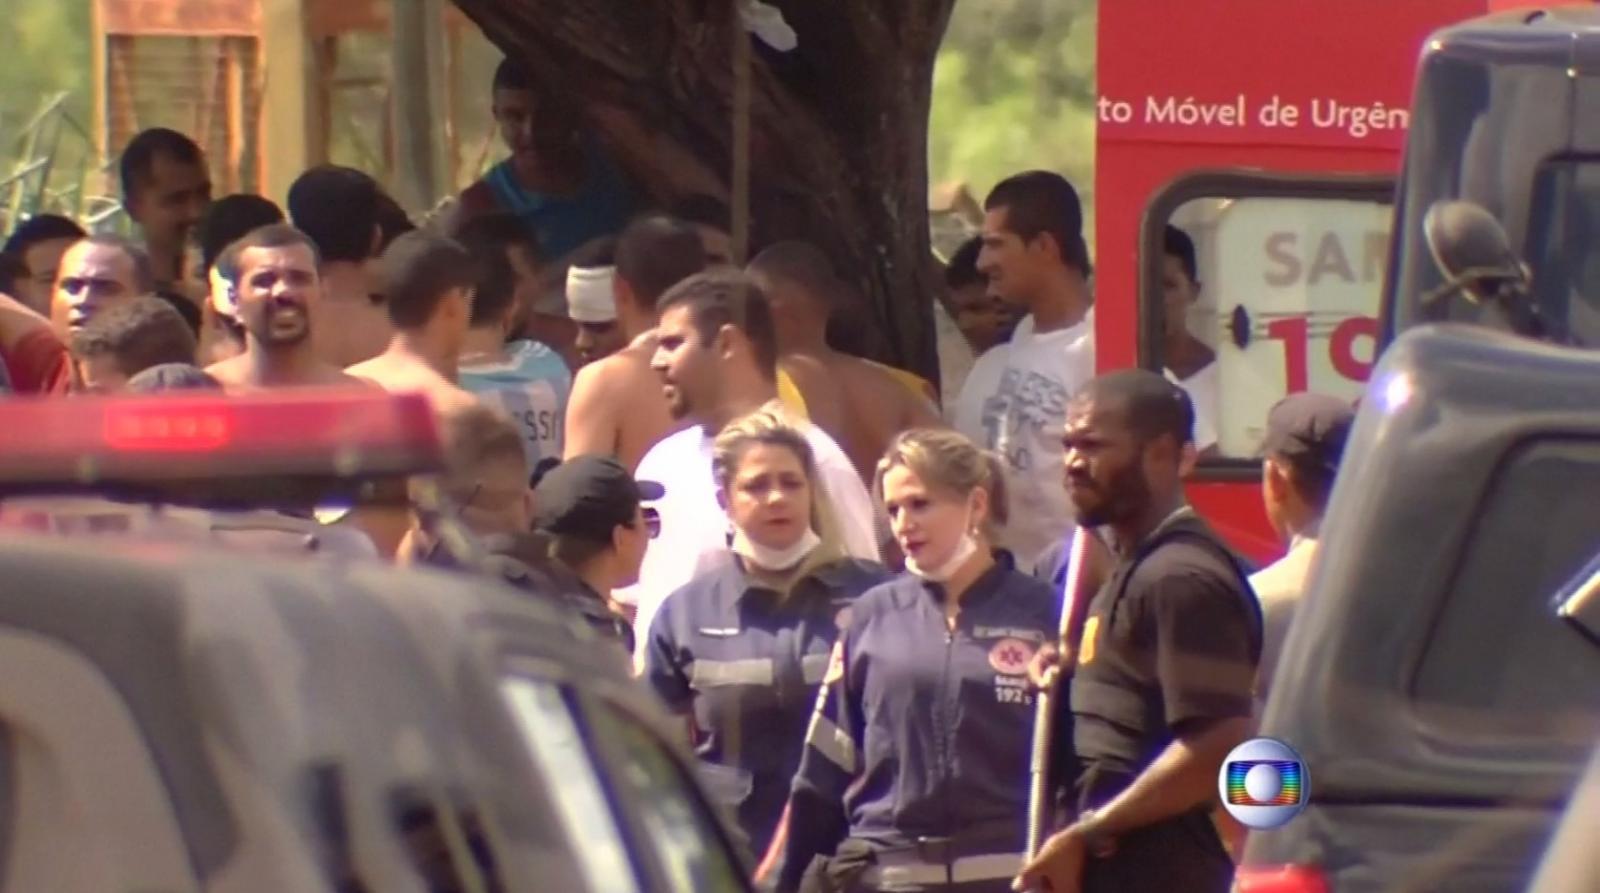 จลาจลในเรือนจำบราซิล ตาย 9 คน ฉวยโอกาสแหกคุกร่วมร้อย